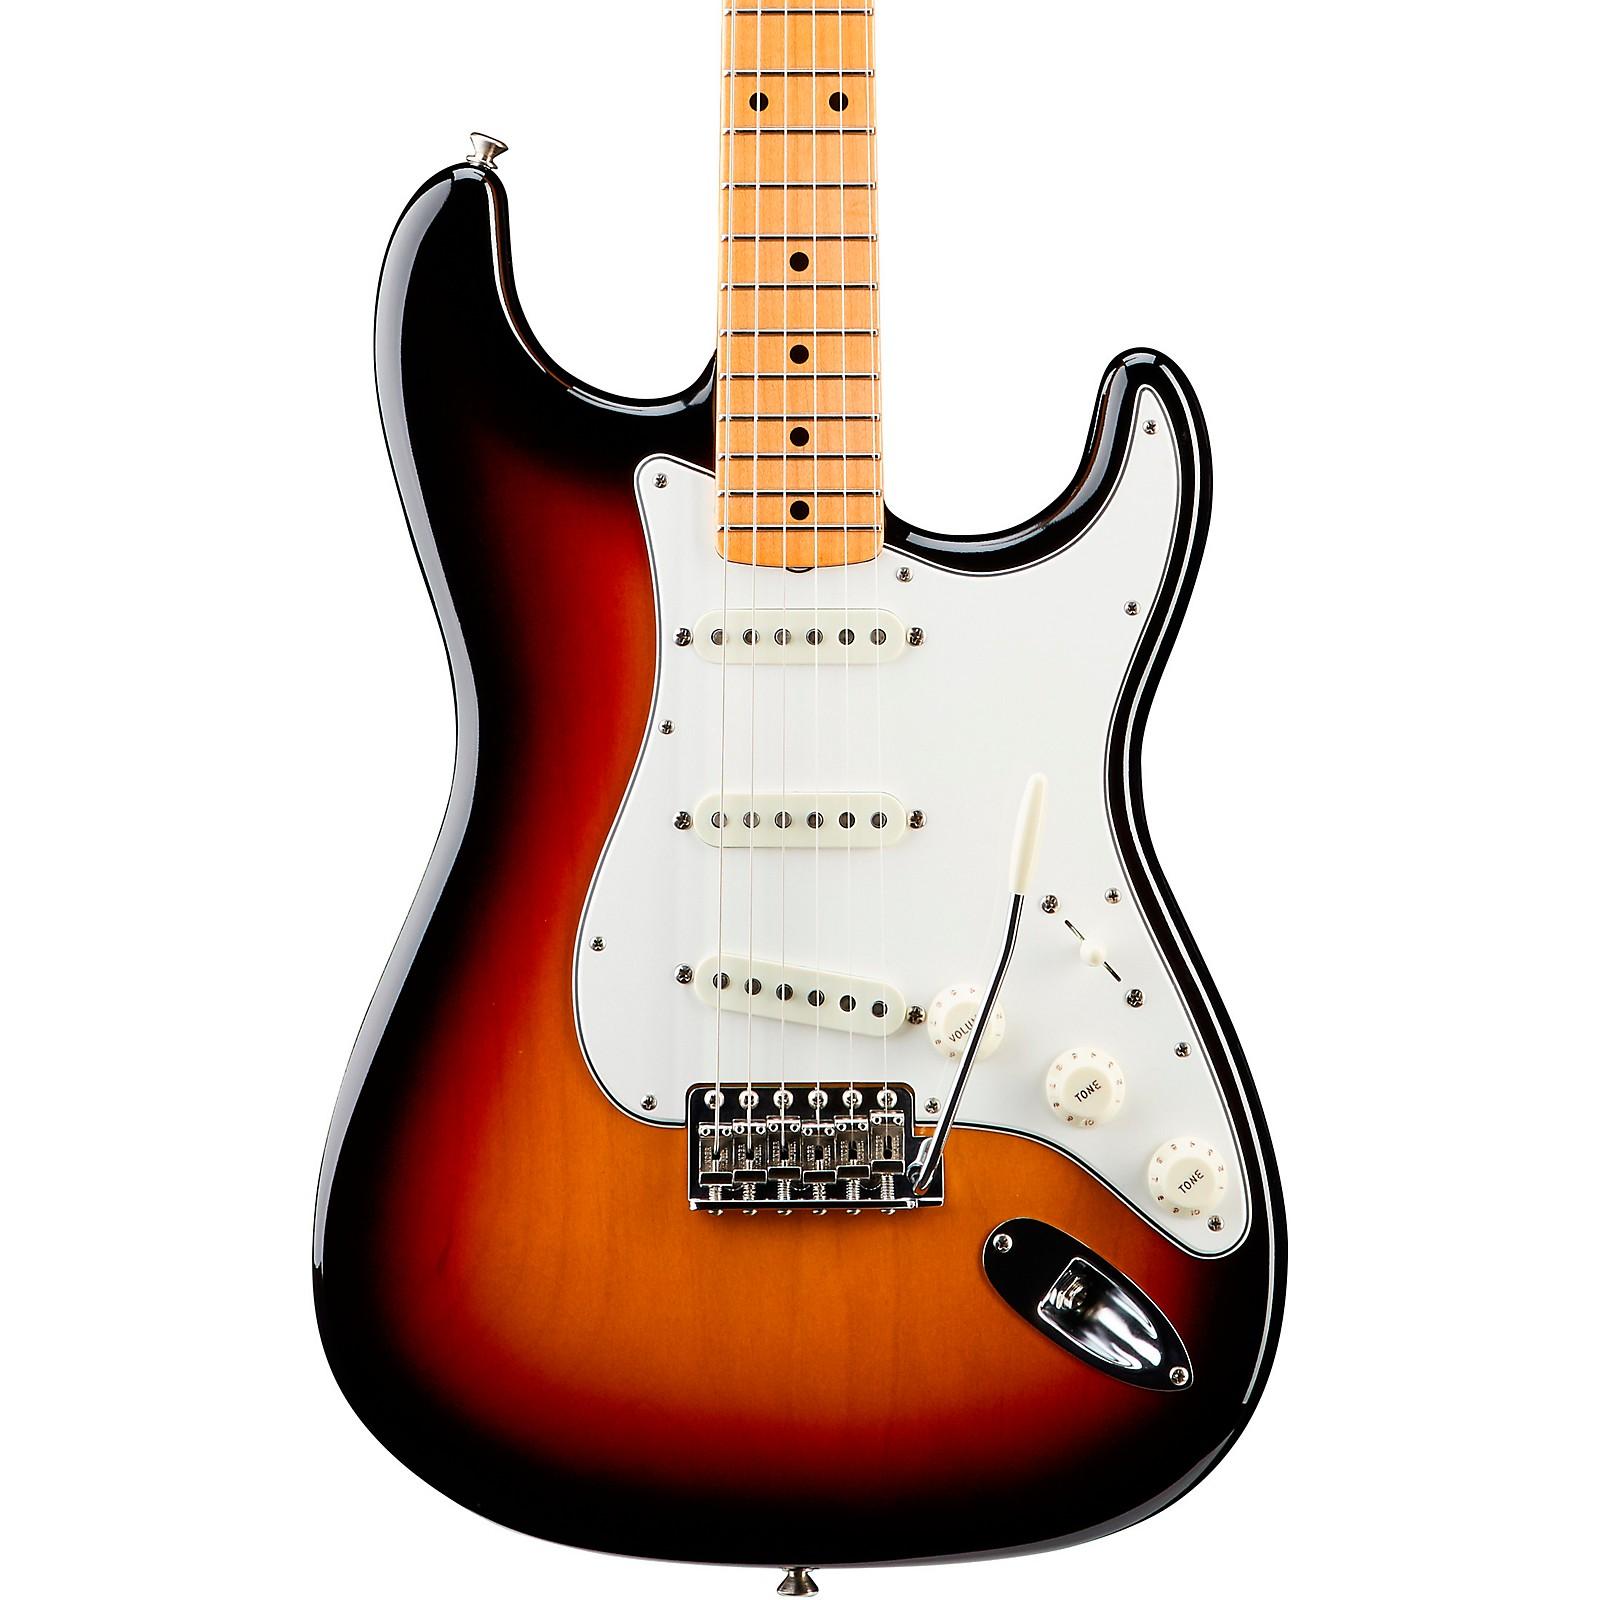 Fender Custom Shop Vintage Custom '62 Stratocaster Maple Fingerboard Electric Guitar